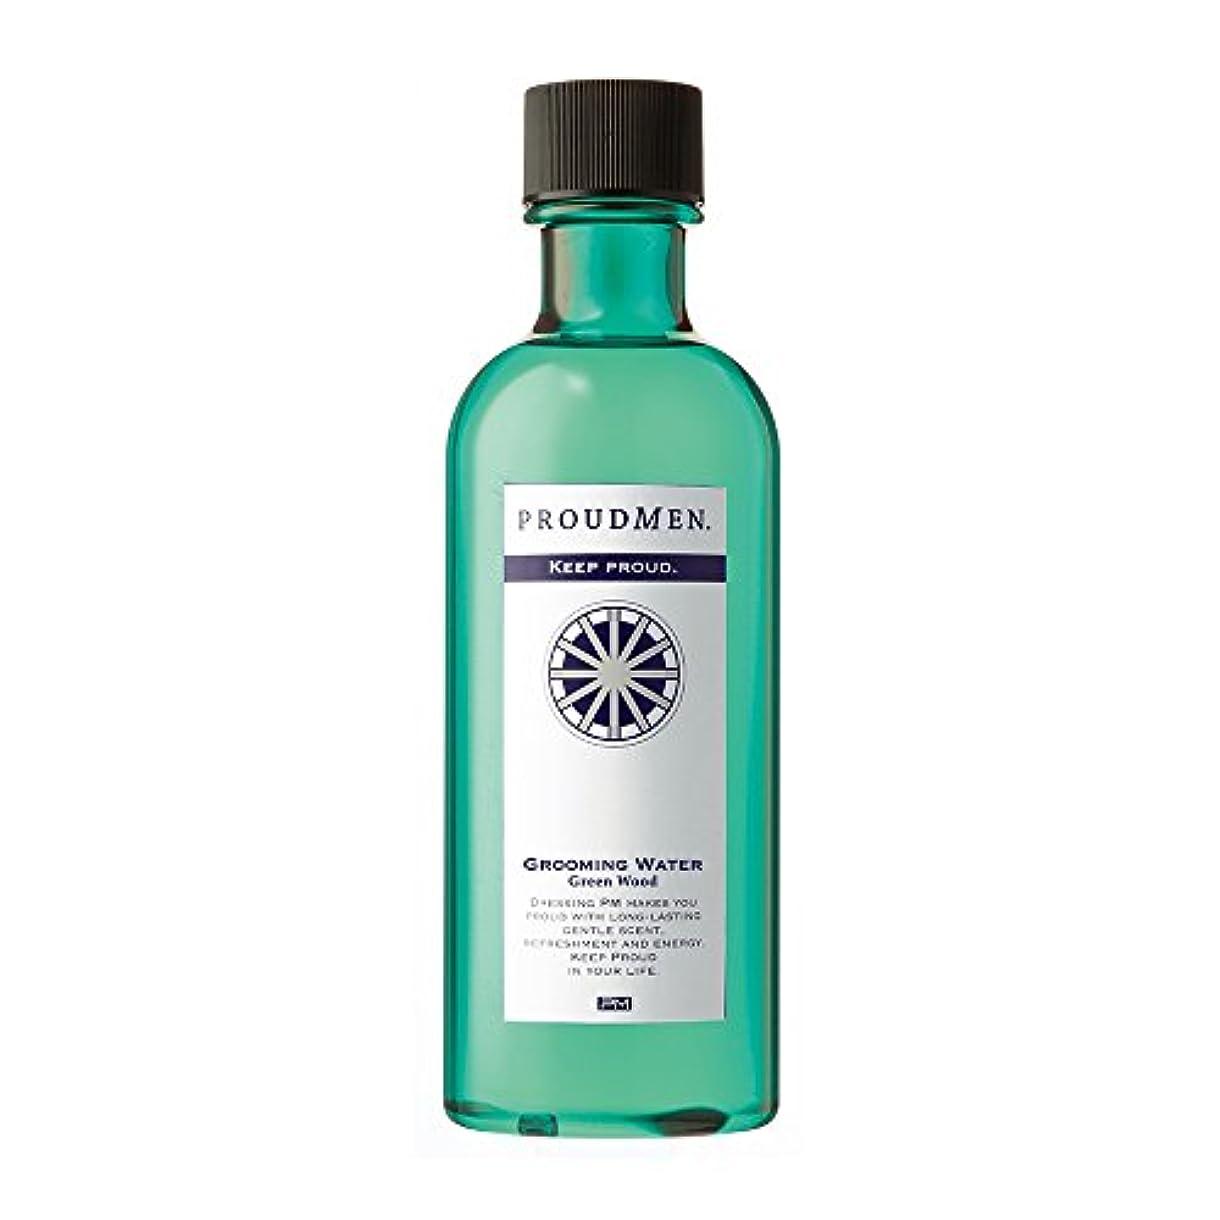 コショウ逆に延期するプラウドメン グルーミングウォーターGW 200ml (グリーンウッドの香り) 全身 ボディローション